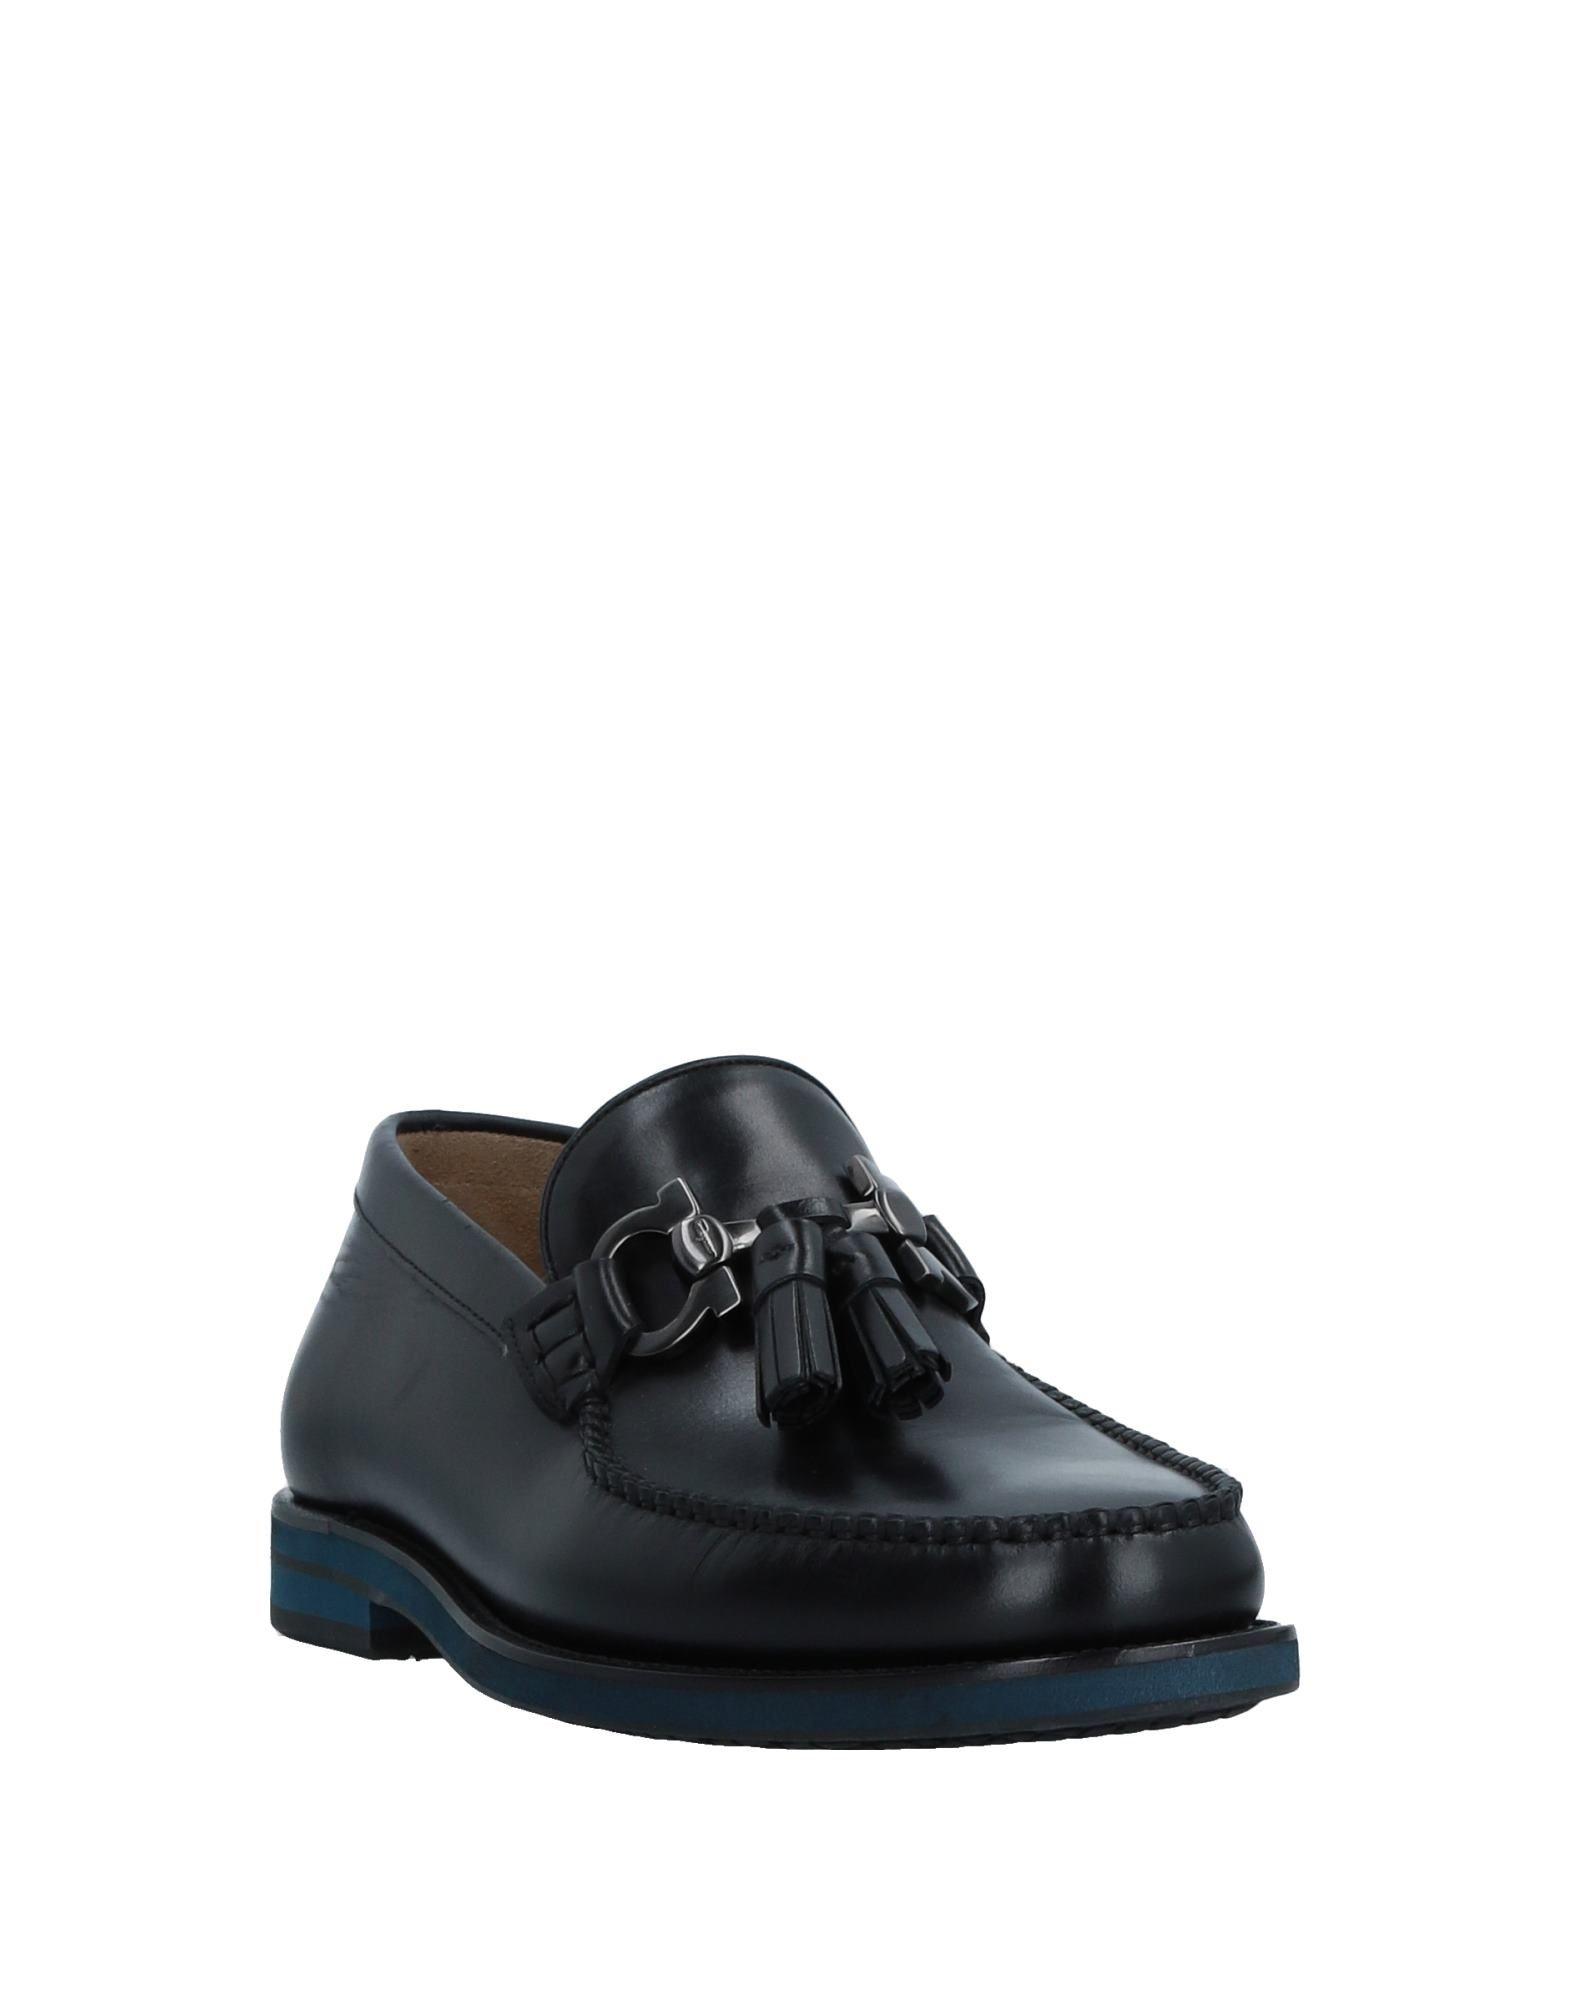 Salvatore Ferragamo Mokassins Qualität Herren  11518838NX Gute Qualität Mokassins beliebte Schuhe 7b6865